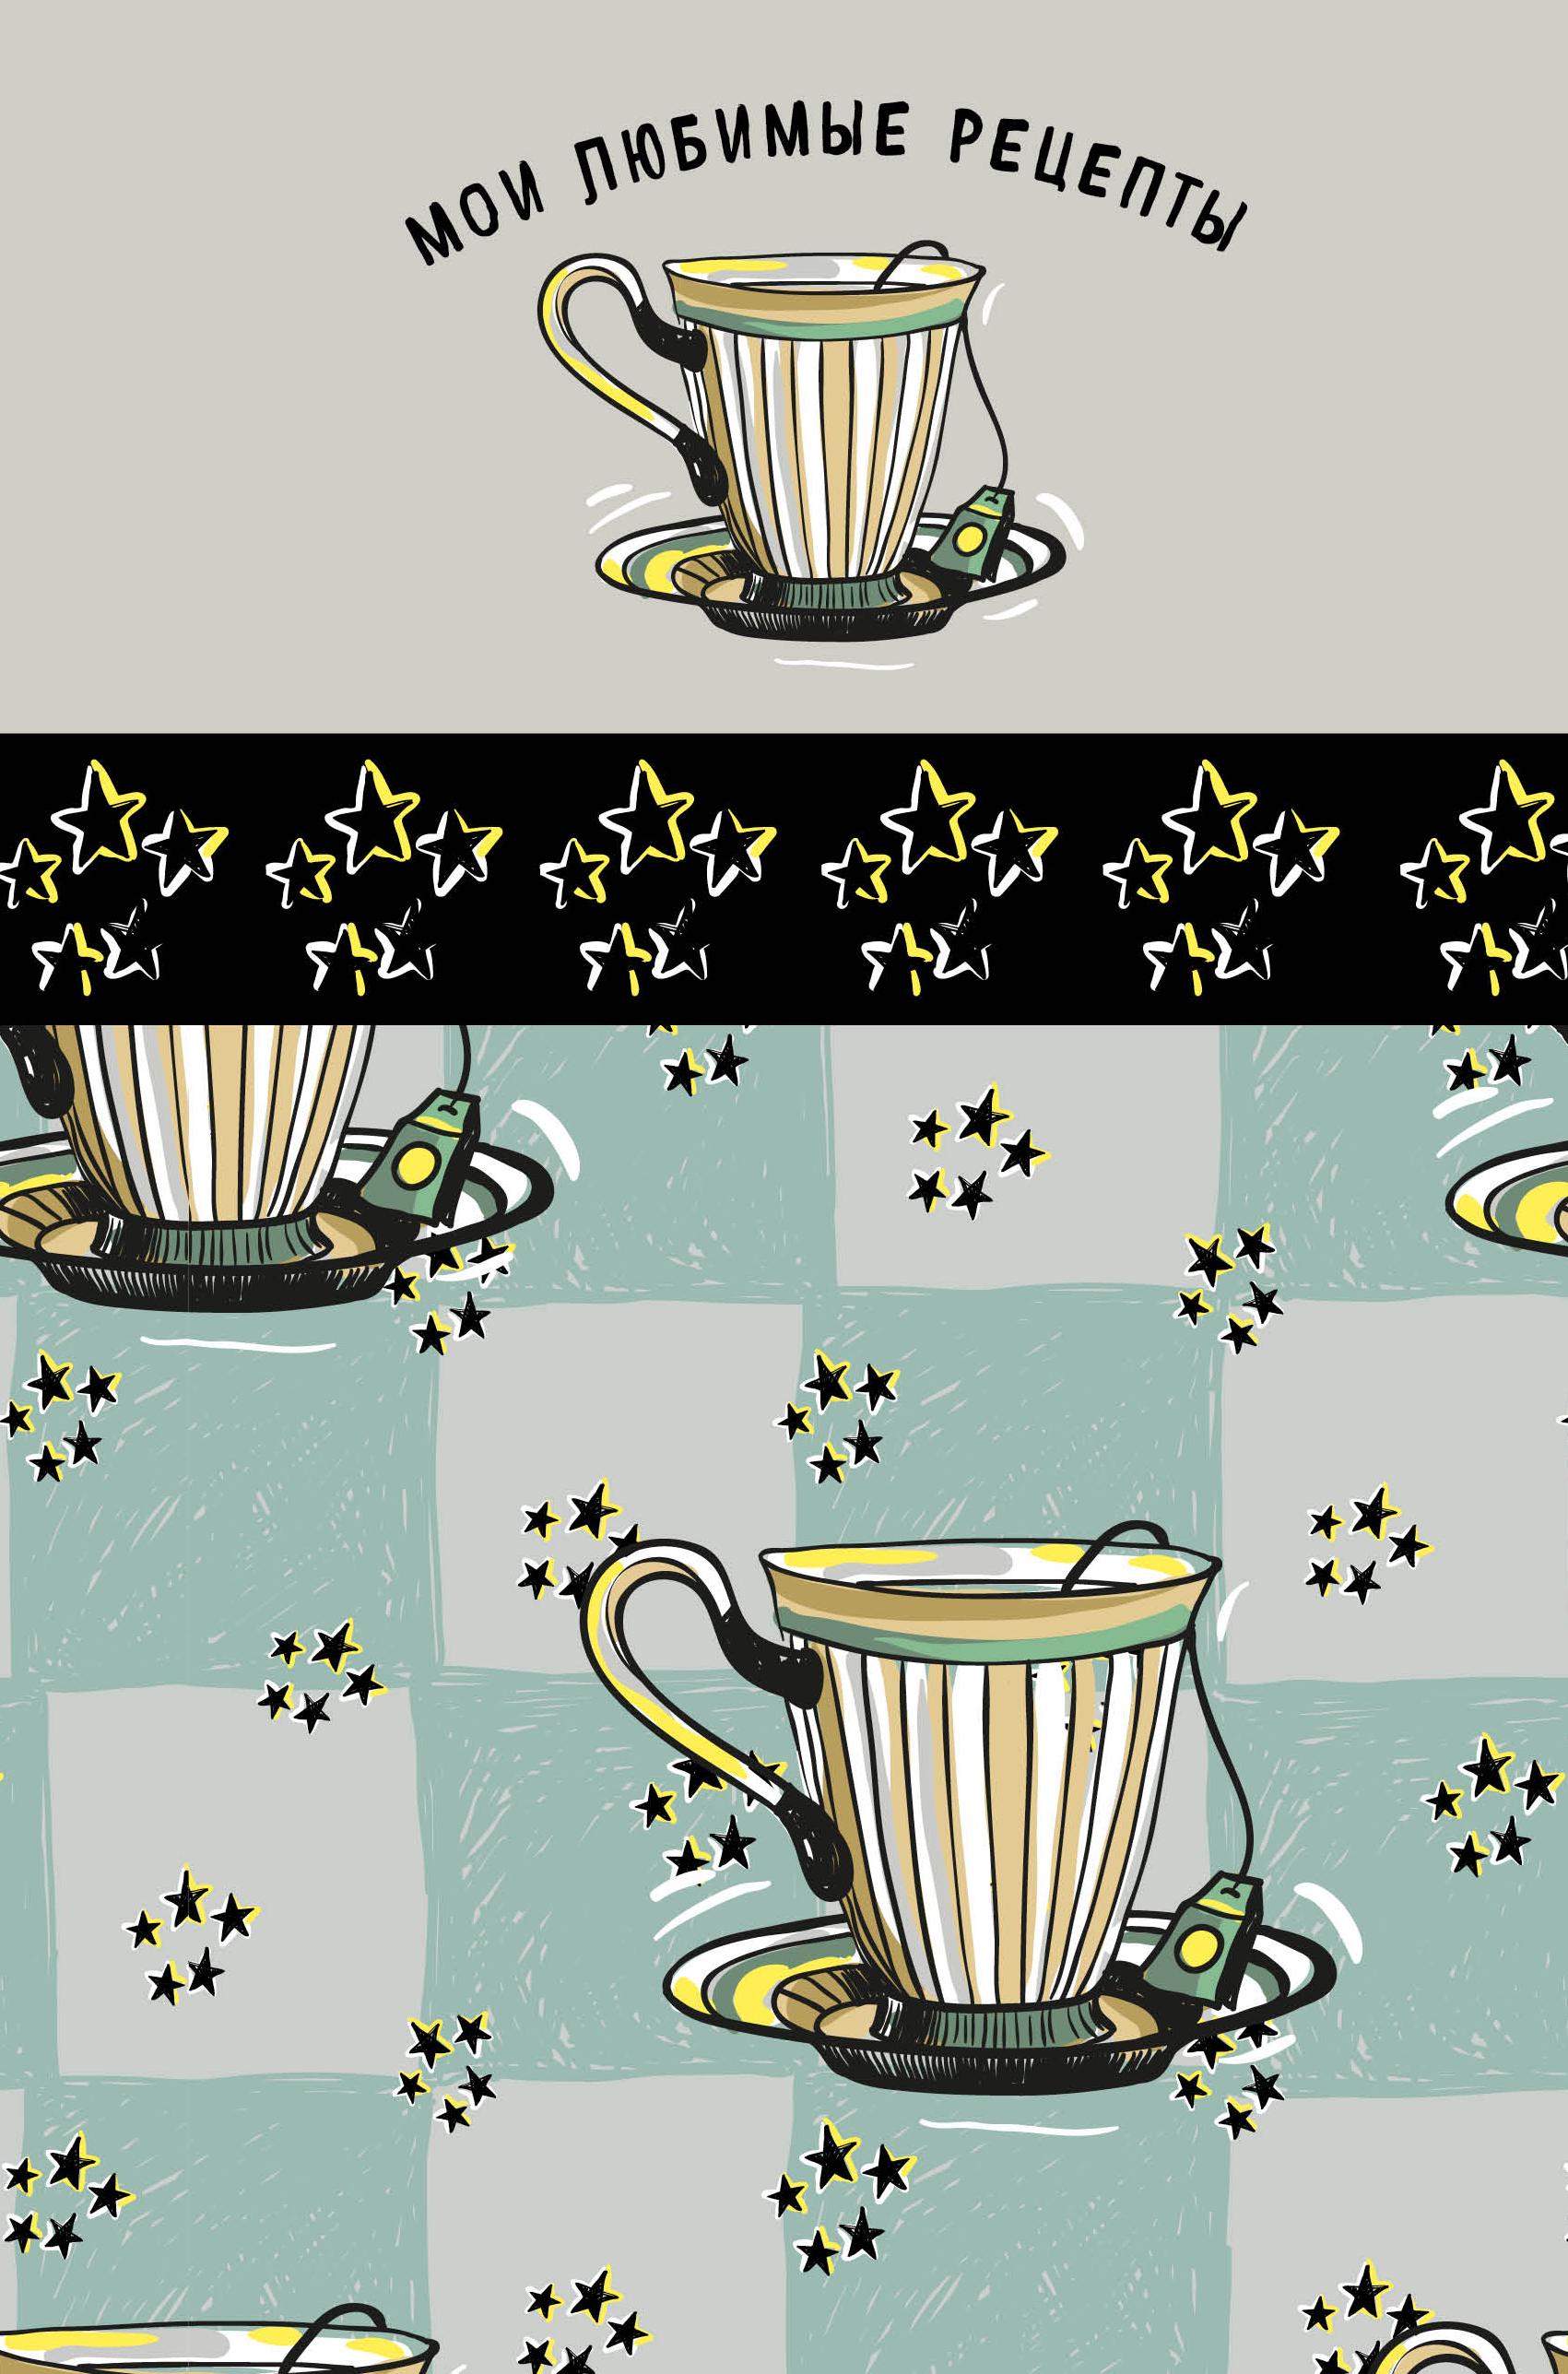 Мои любимые рецепты. Книга для записи рецептов Звездный чай, А5 книги эксмо мои любимые рецепты книга для записи рецептов яркие перчики